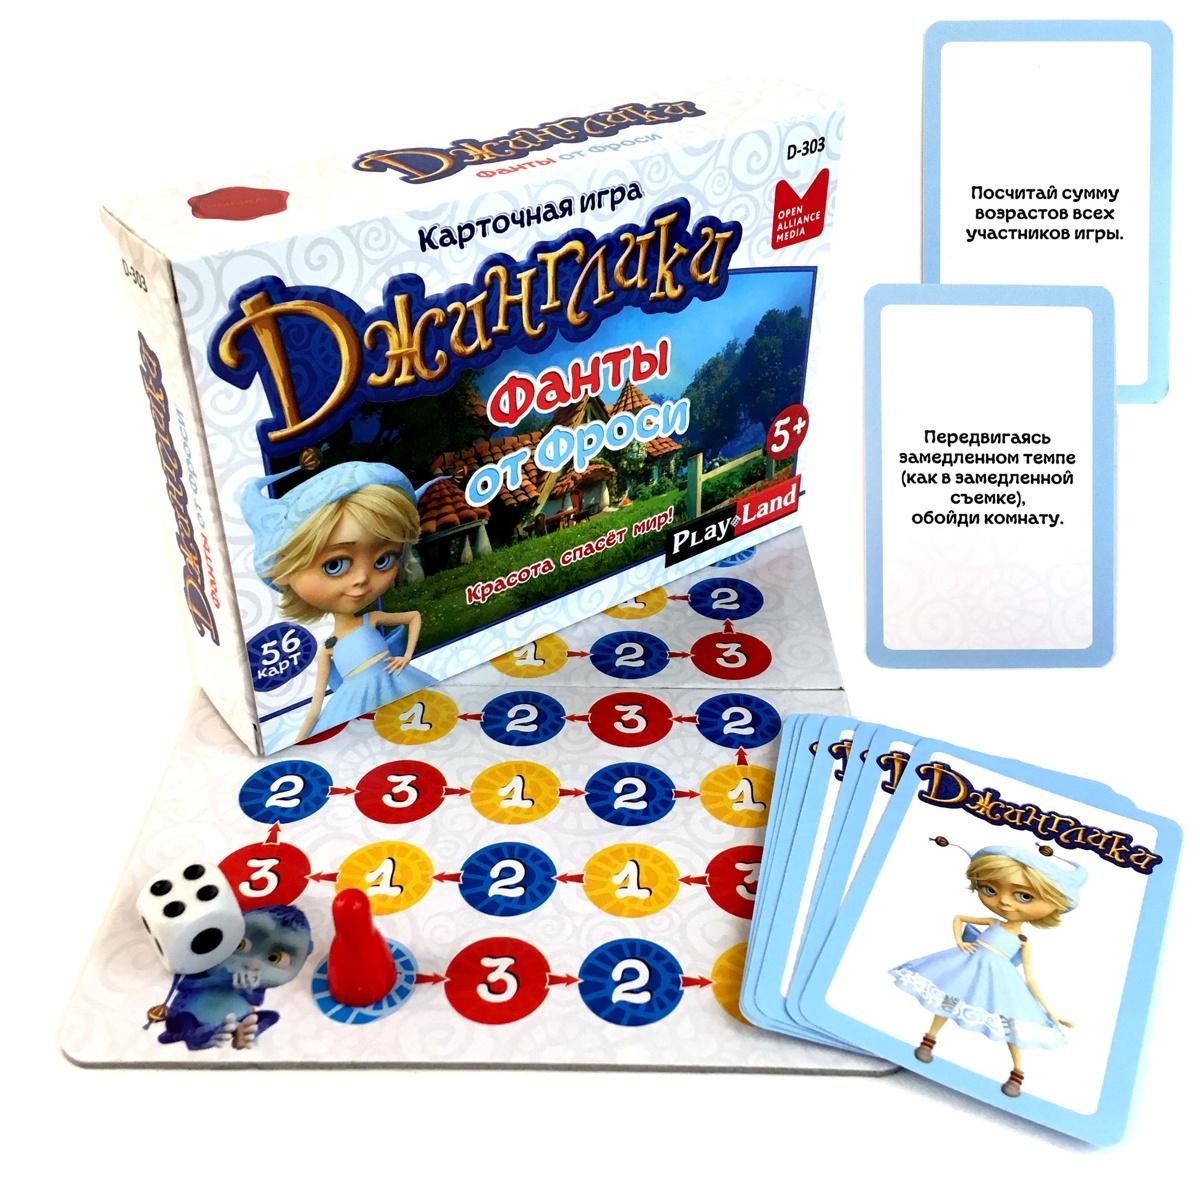 Карточная игра Джинглики. Фанты от Фроси карточная игра фанты